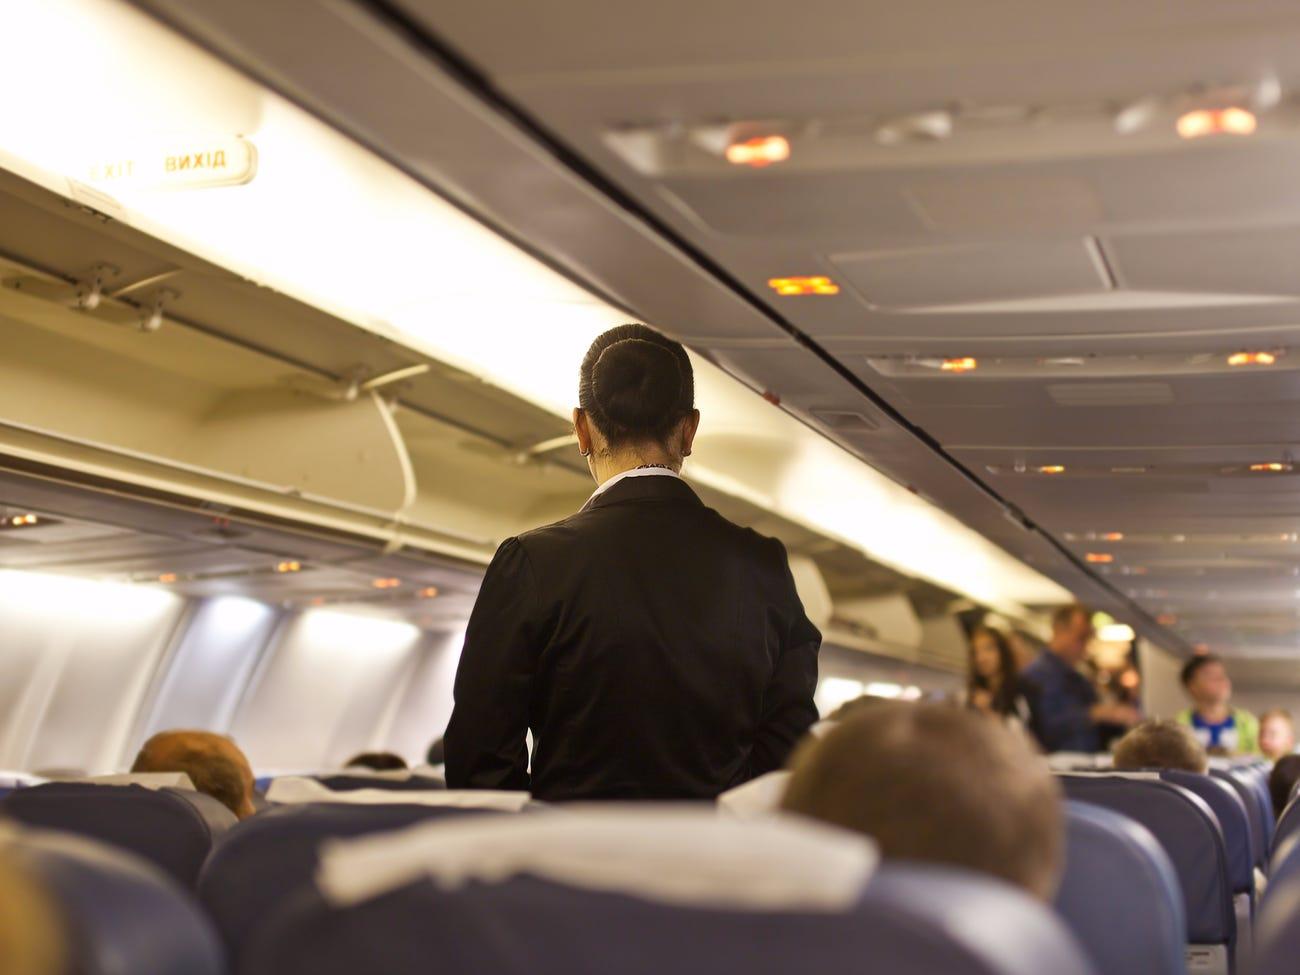 Stjuardesat: Pesë gjërat që nuk do donim që pasagjerët të bënin gjatë fluturimit